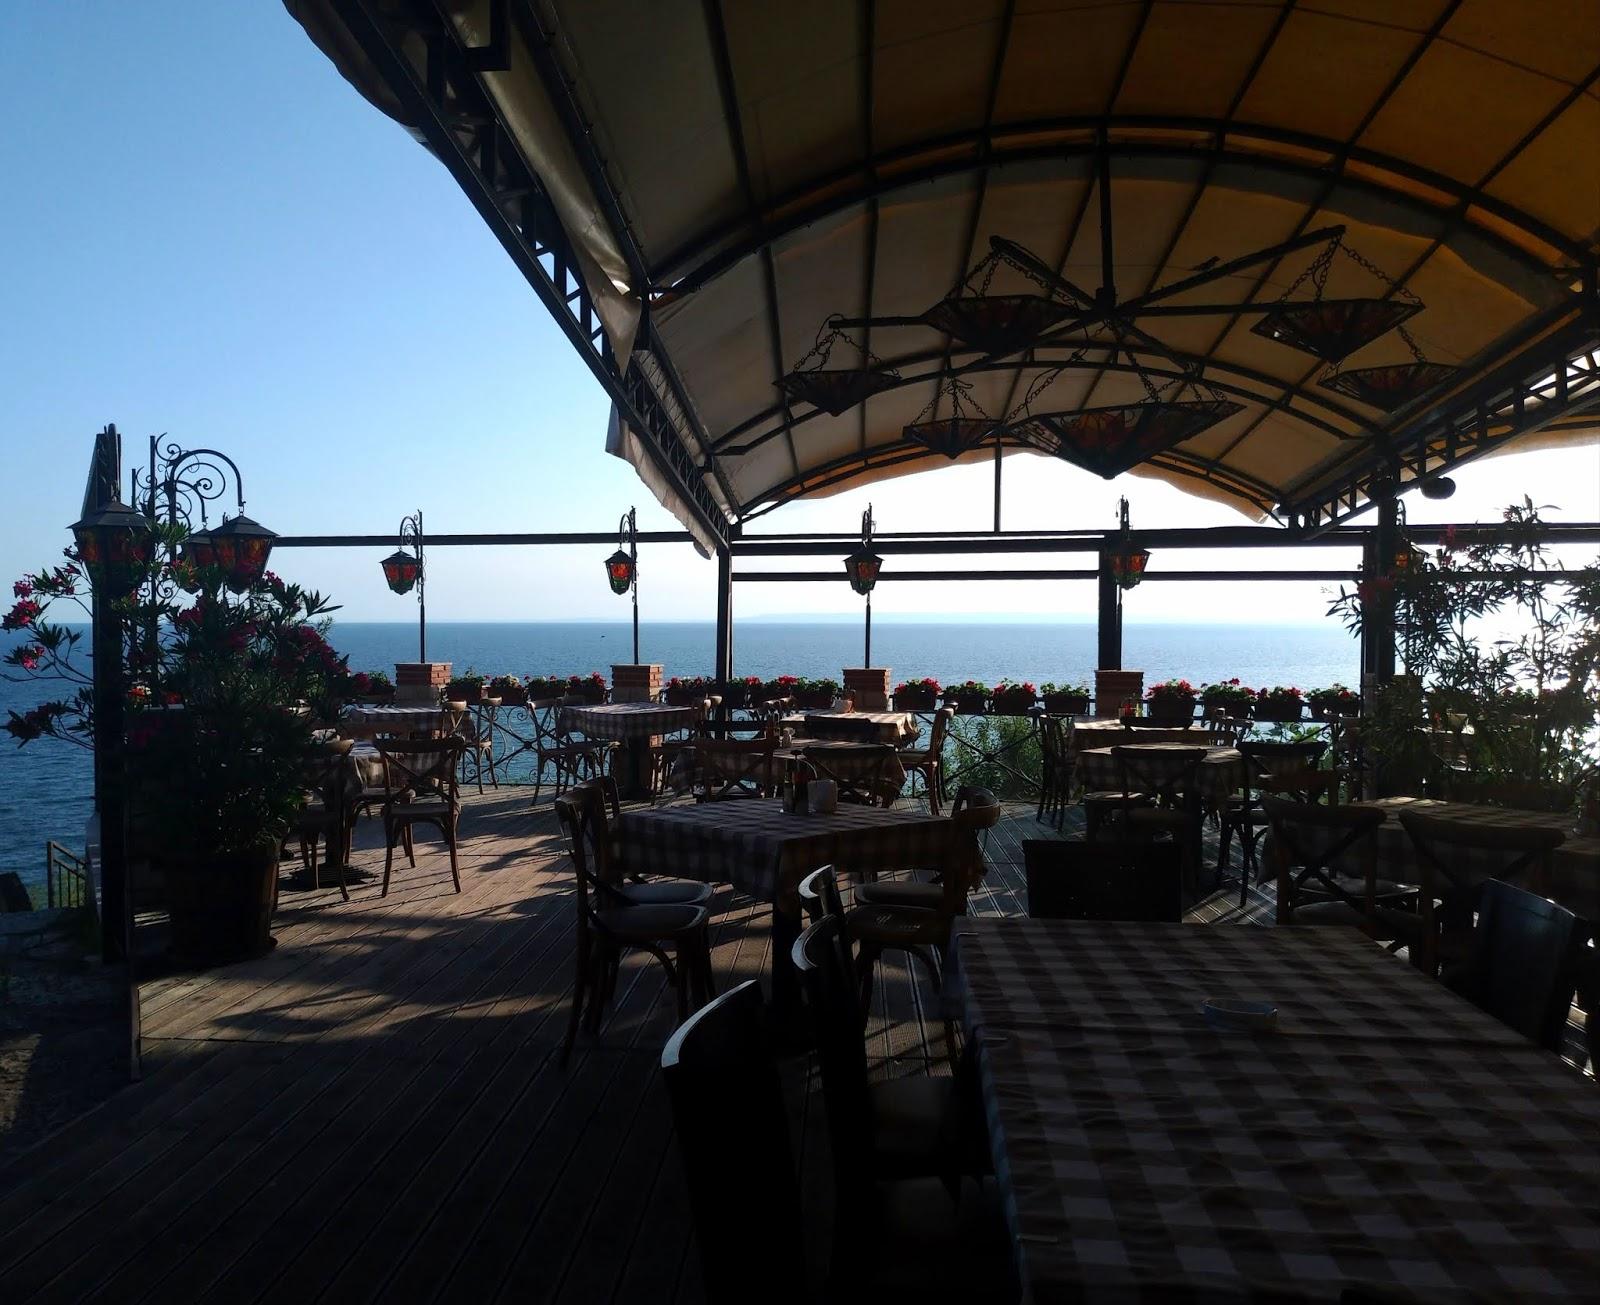 bułgarska restauracja z widokiem na morze na przylądku Kaliakra